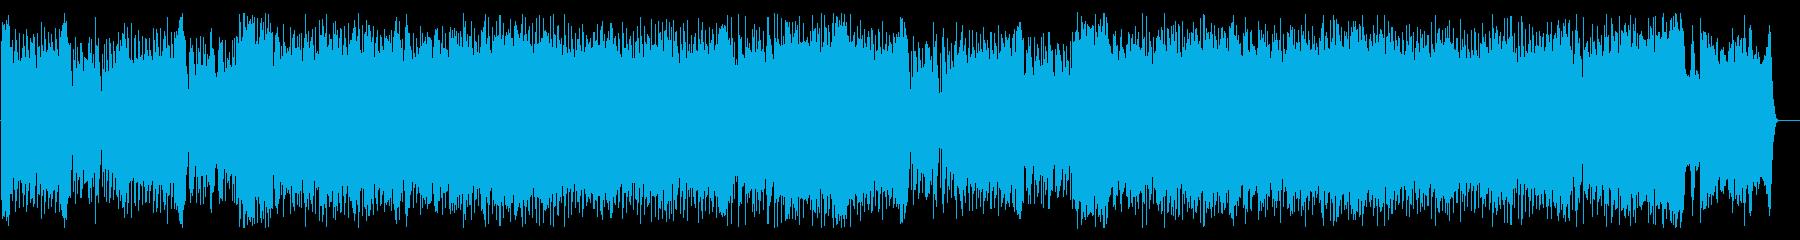 某スーファミRPG風の戦闘BGMの再生済みの波形